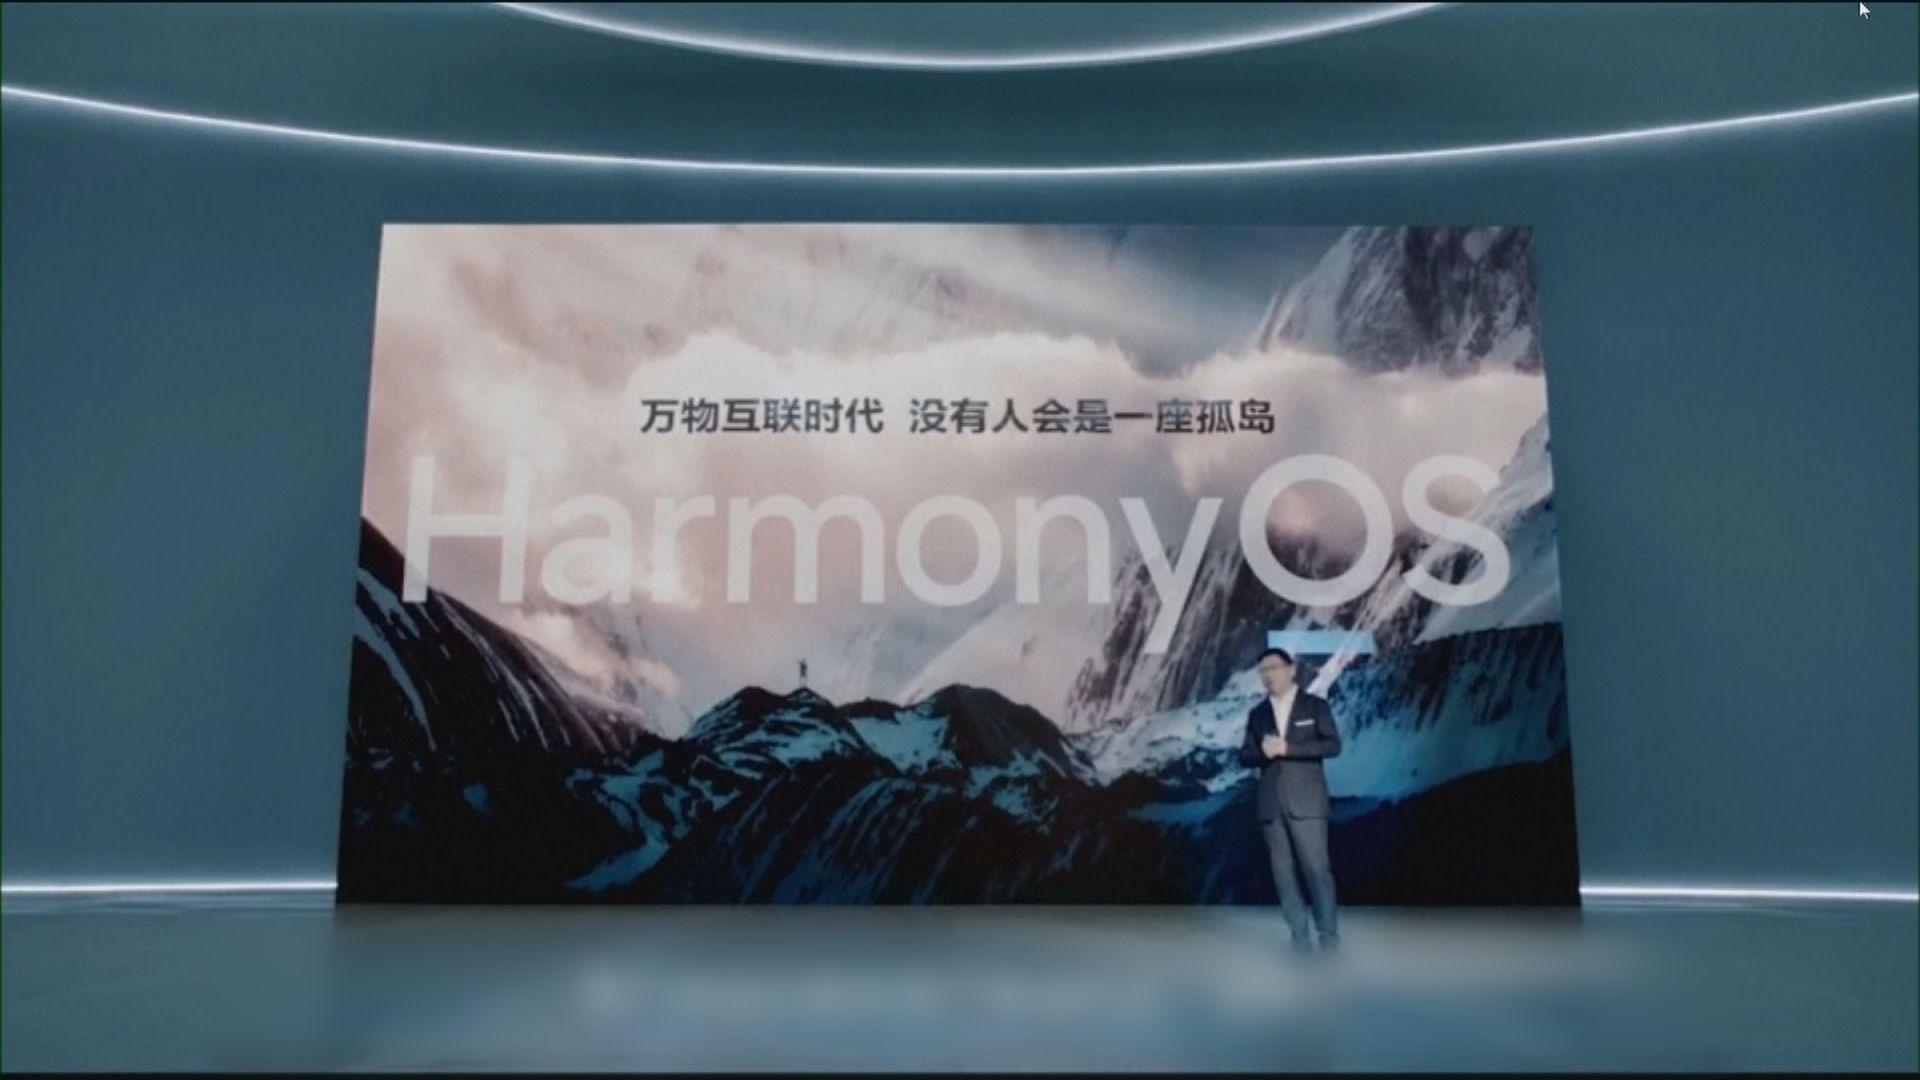 華為正式推出鴻蒙2.0作業系統